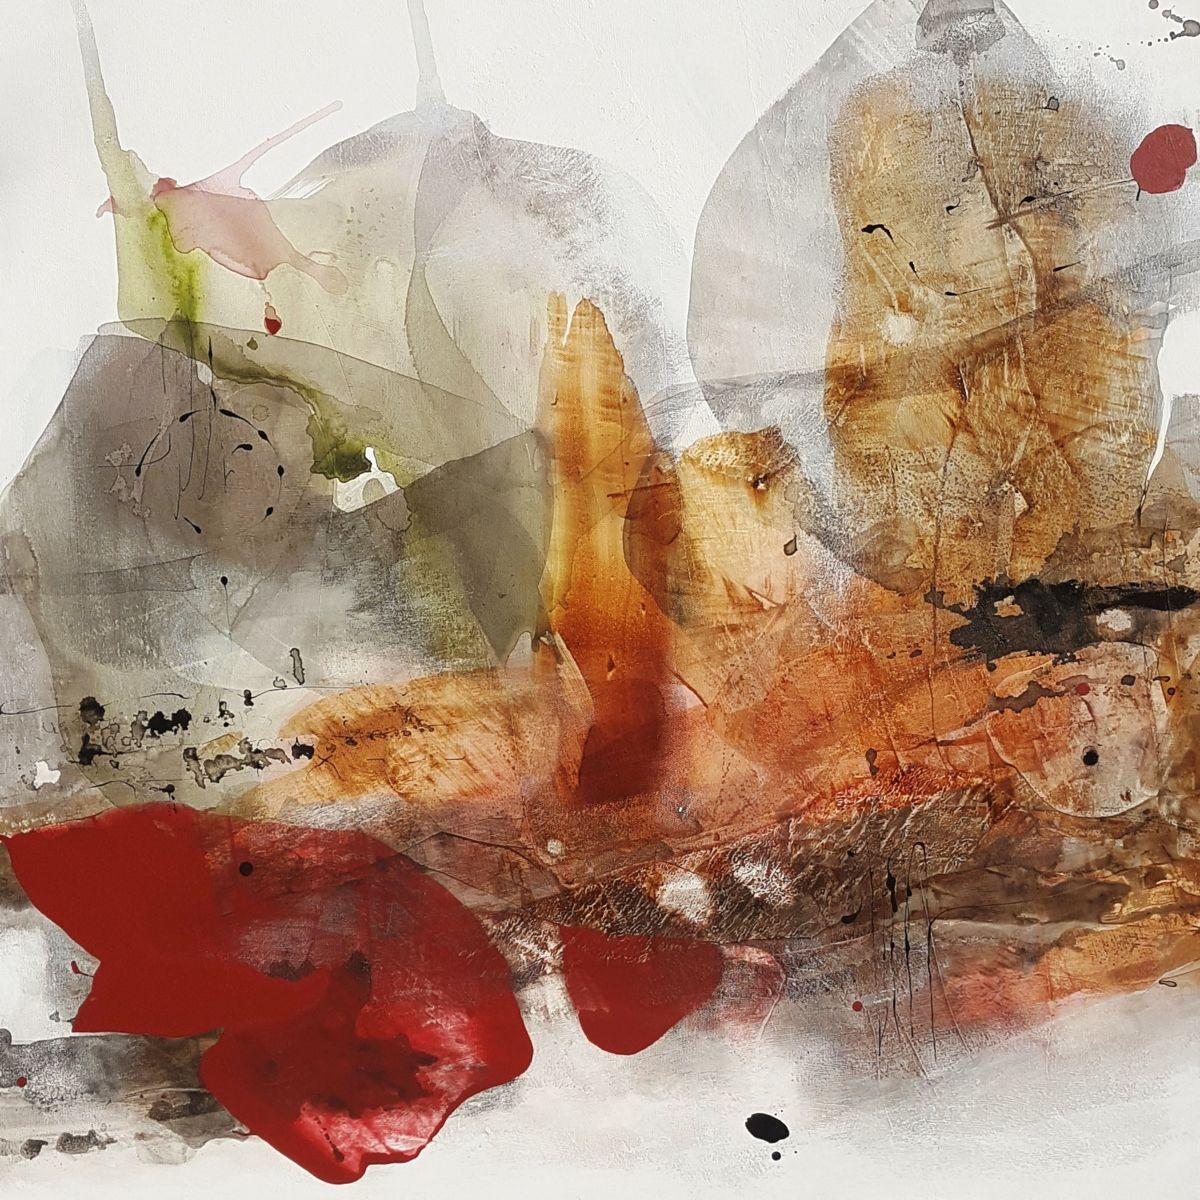 exposition, art, peinture, sculptures, Auvers-sur-Oise